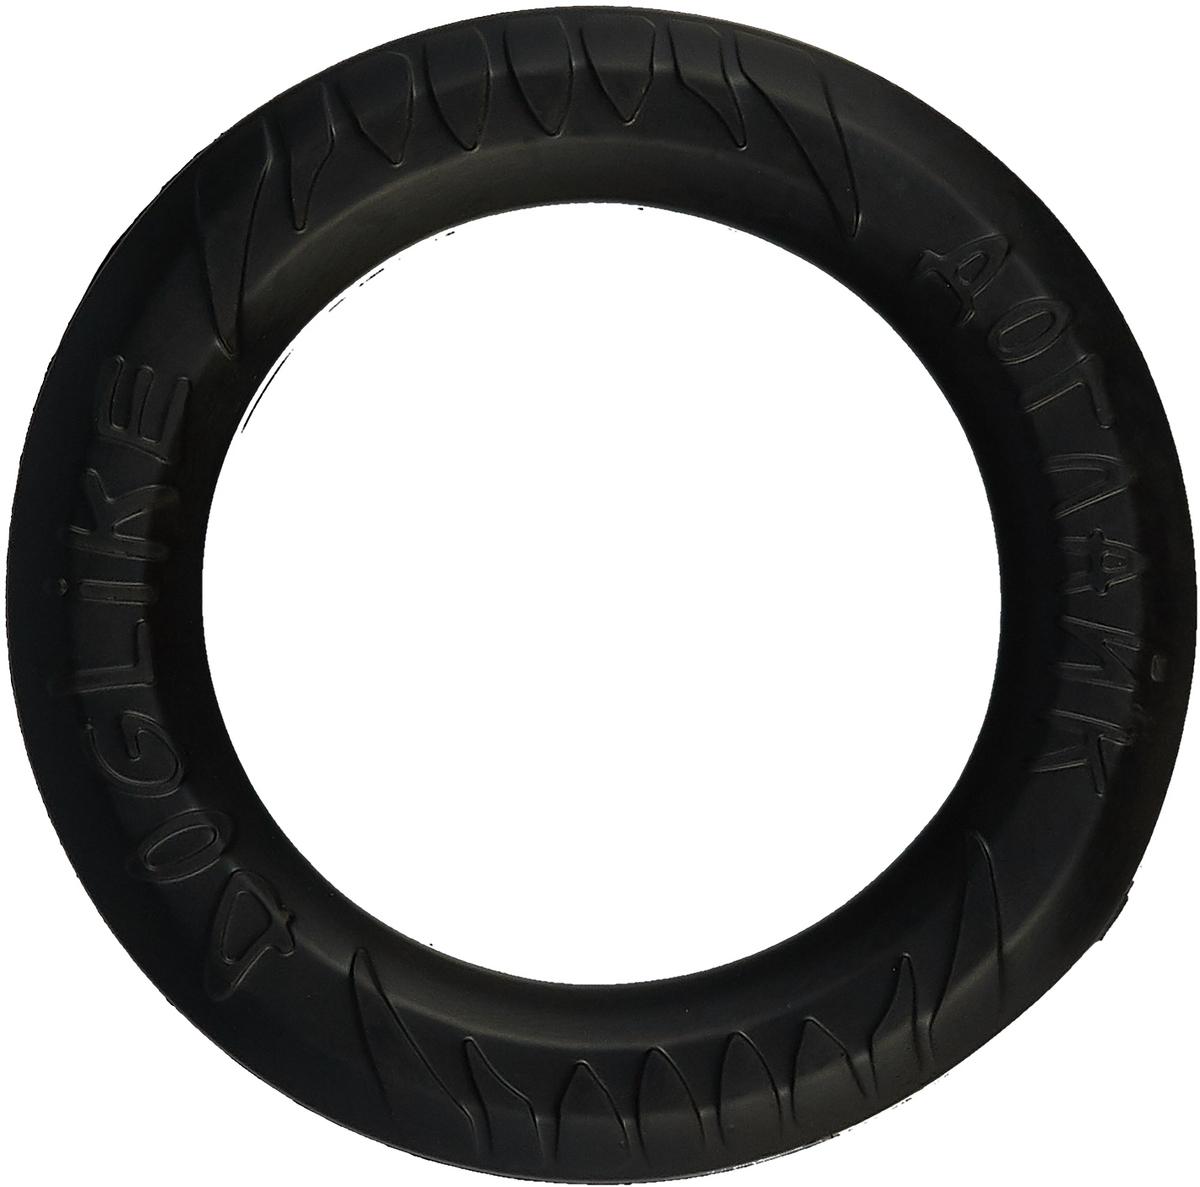 """Снаряд Каскад """"Tug & Twist DL"""", для дрессировки собак, малый, цвет: черный"""